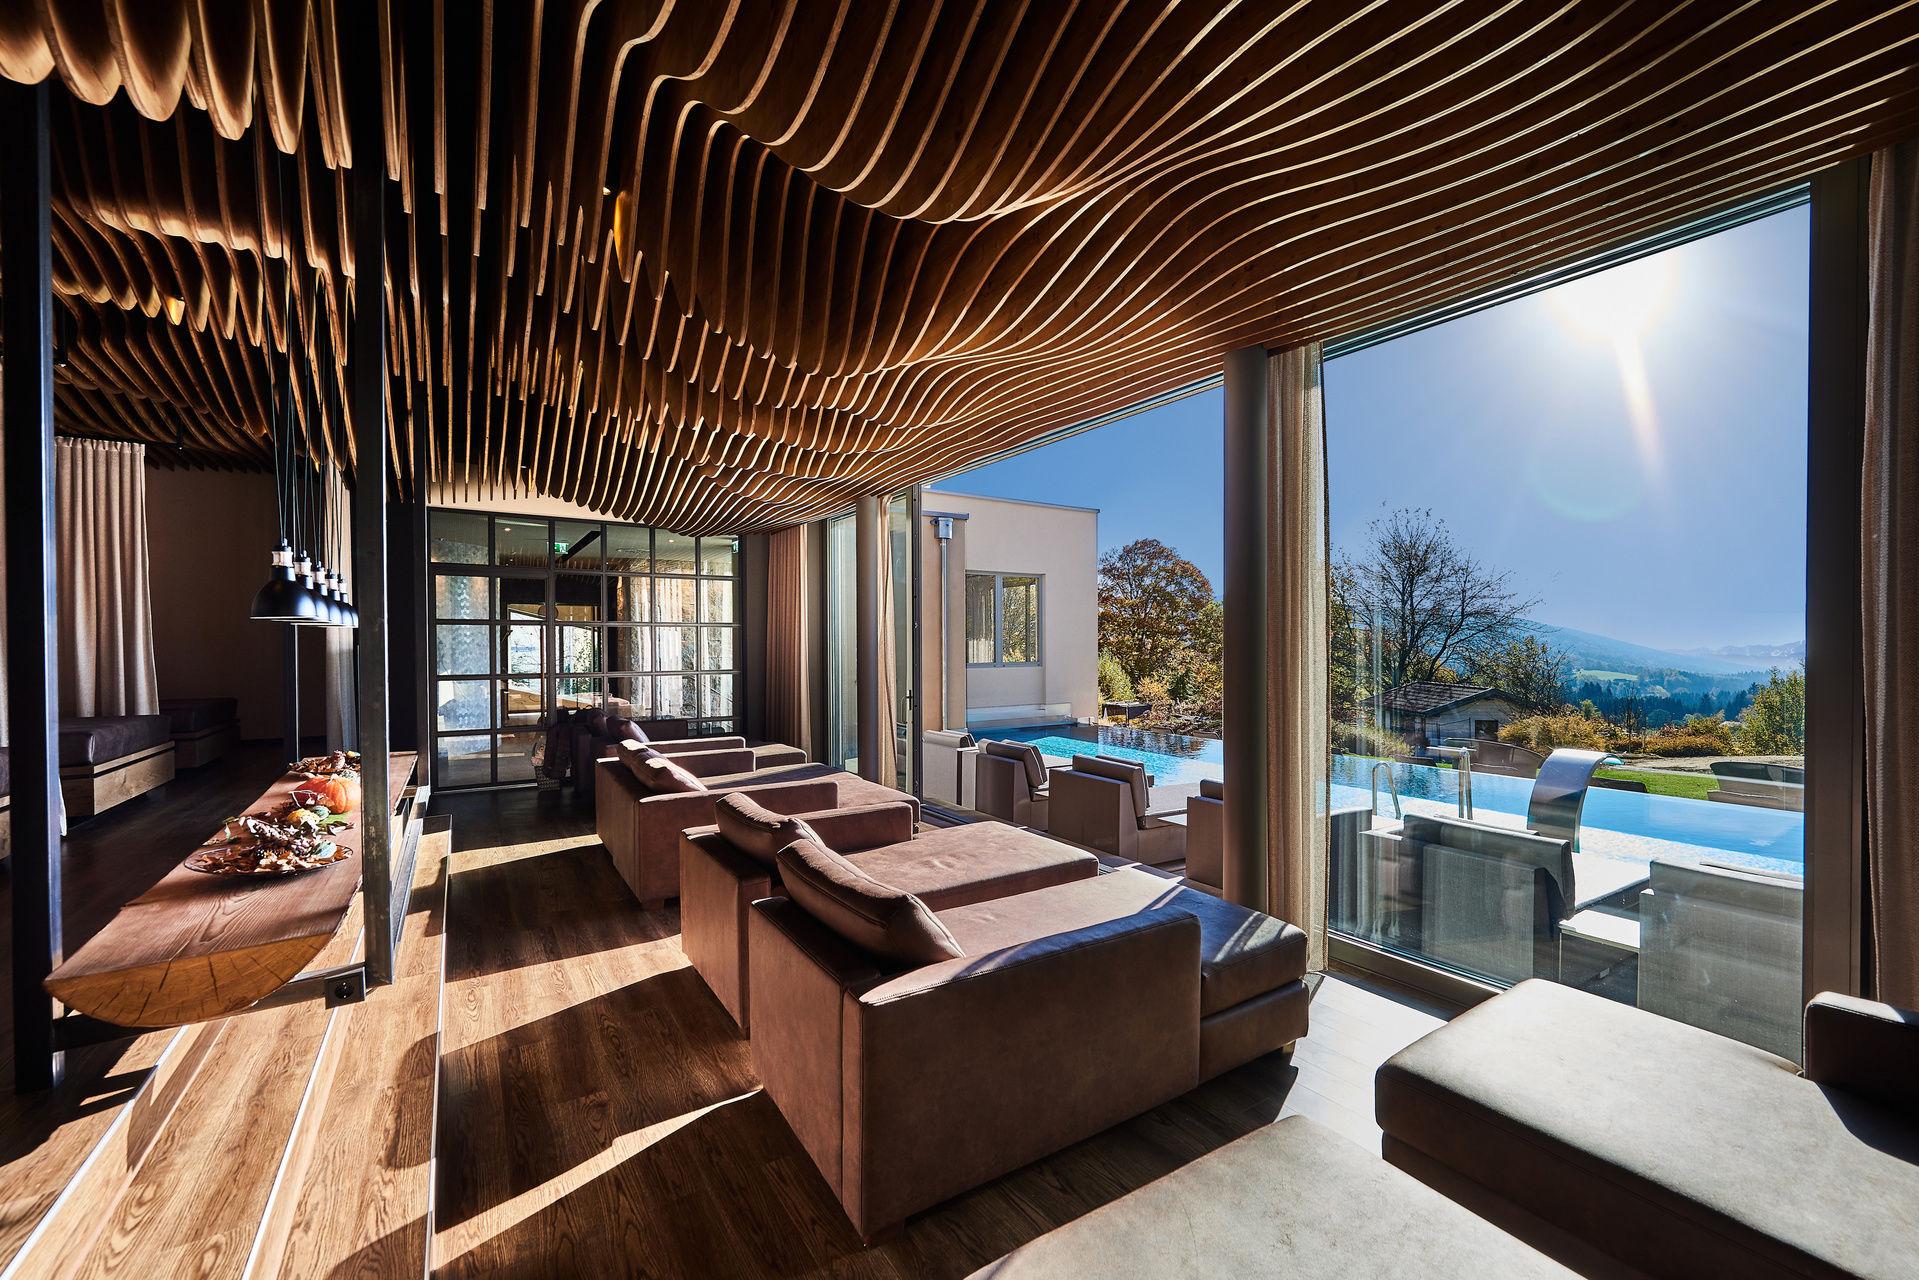 Hotel reinerhof wellnesshotel st englmar bayerischer wald for Designhotel bayerischer wald